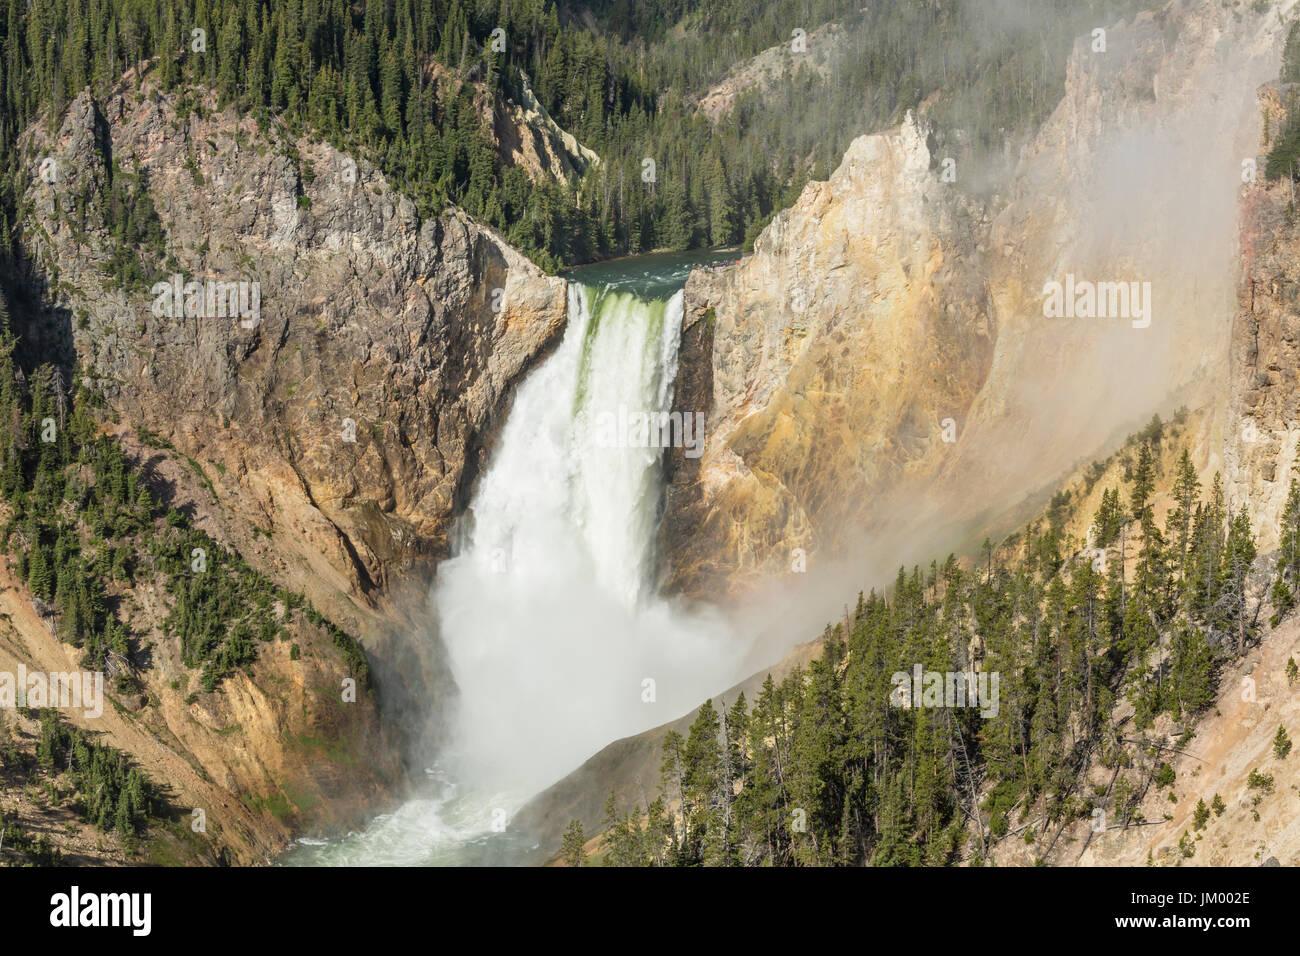 La nebbia enshrouds il piede 300 cascate inferiori nel Grand Canyon di Yellowstone nel Parco Nazionale di Yellowstone, Immagini Stock